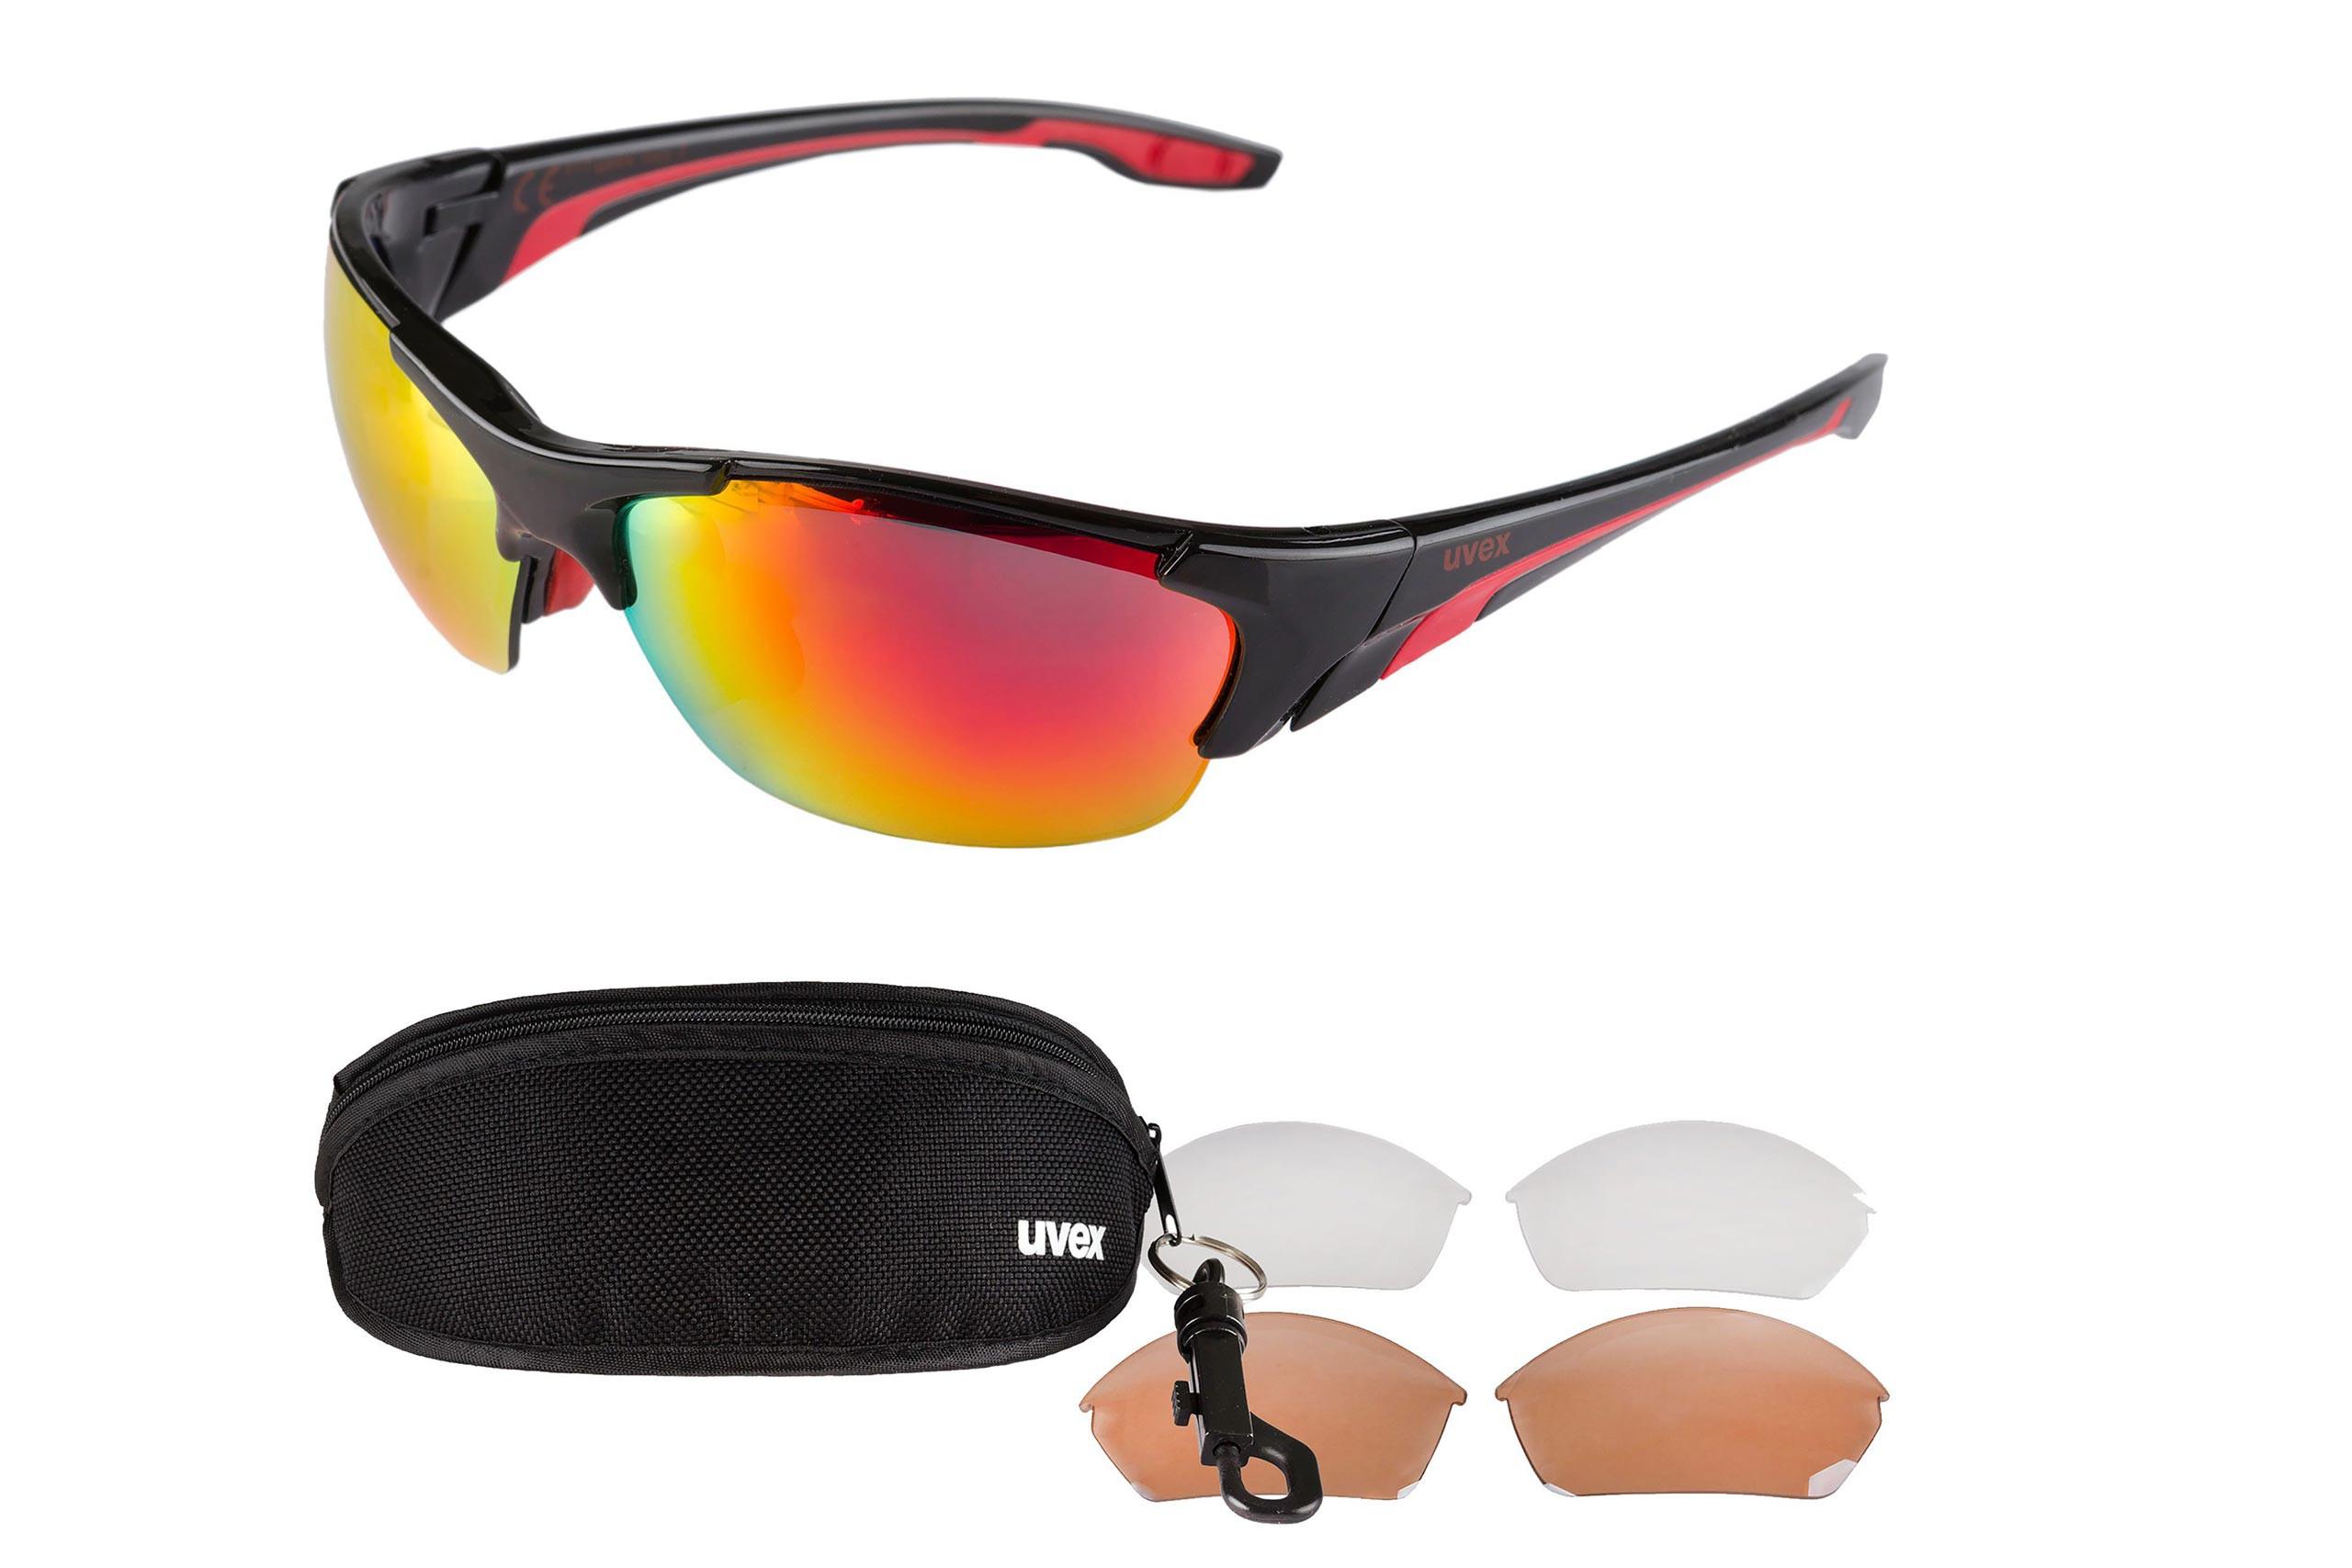 Okulary UVEX BLAZE III 3 pary soczewek - czarno-czerwone